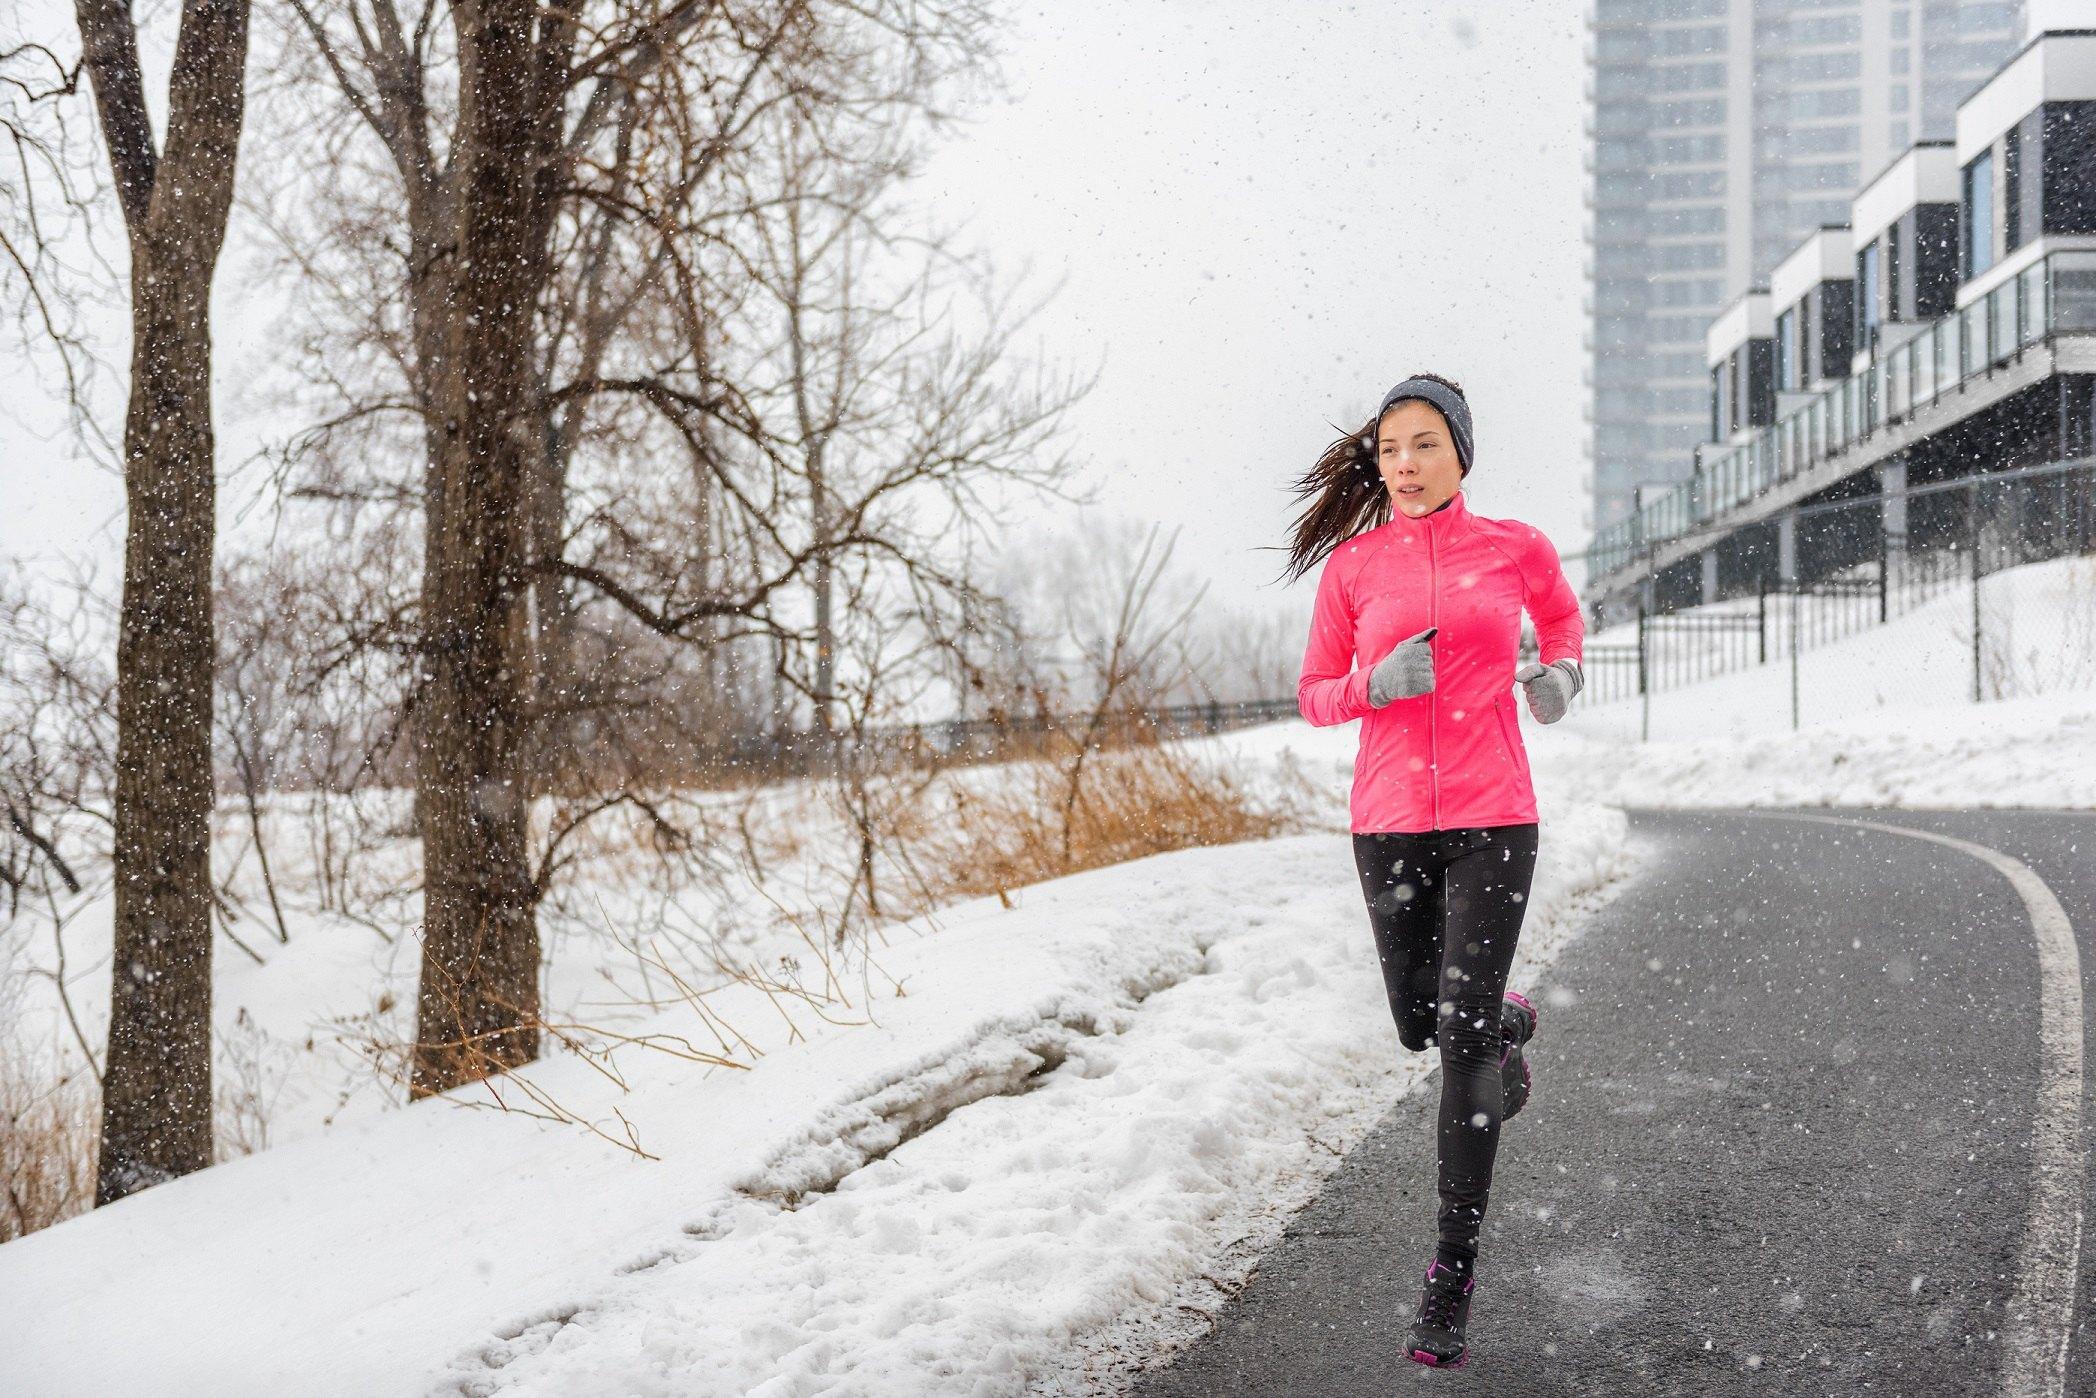 bieganie_zima_warunki